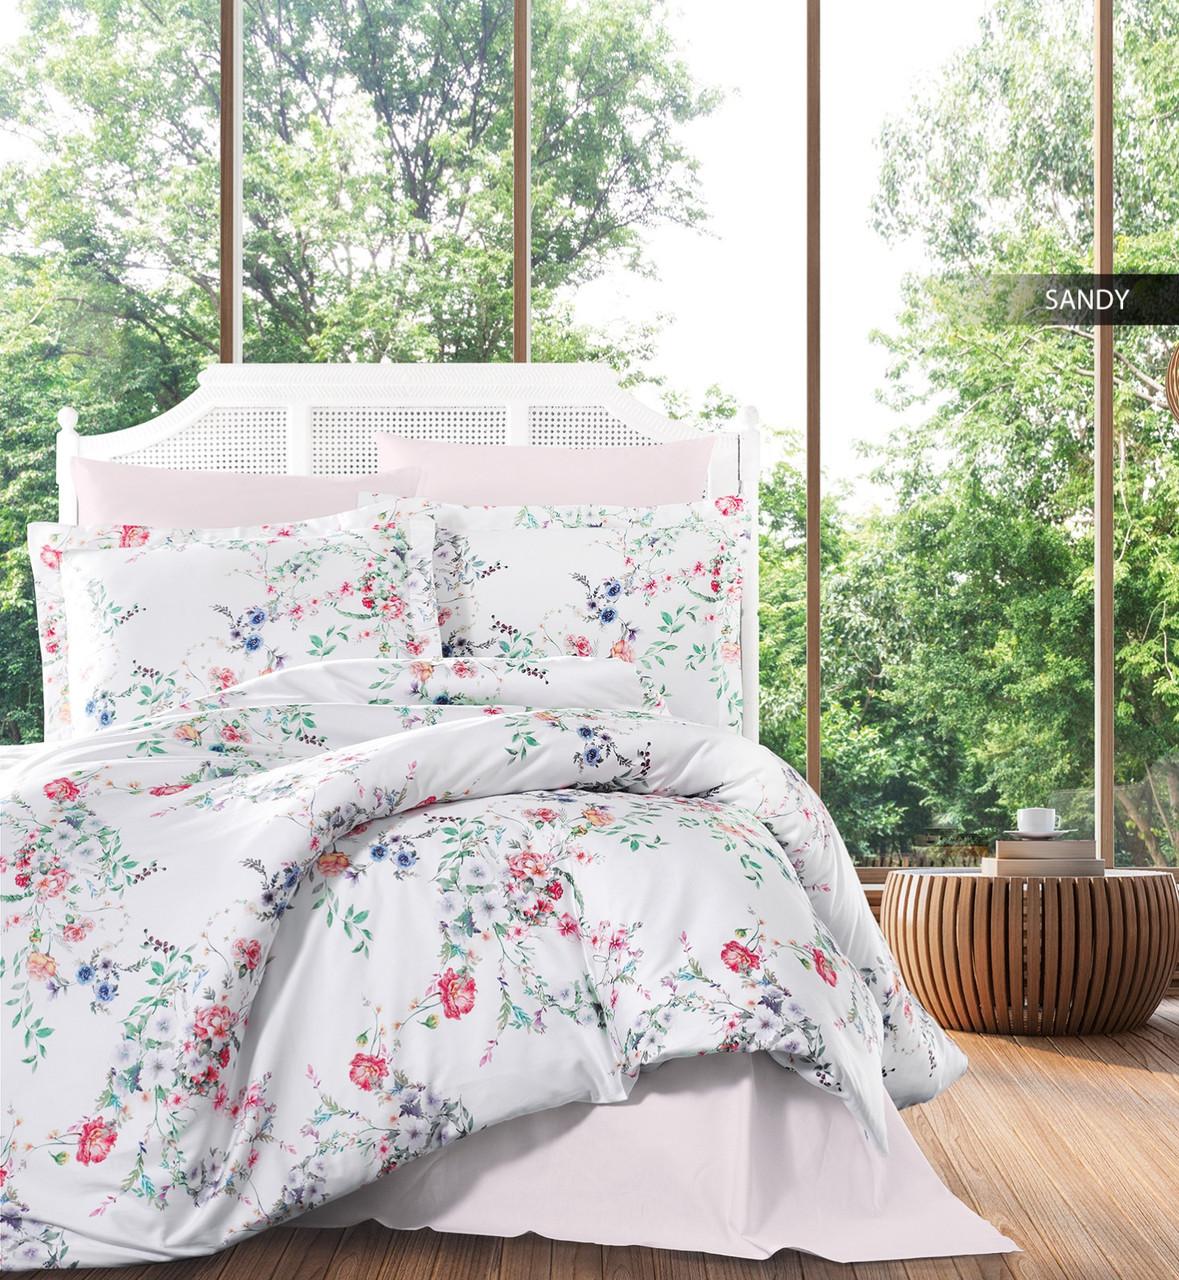 Комплект постельного белья Ecosse Сатин 200х220 Sandy